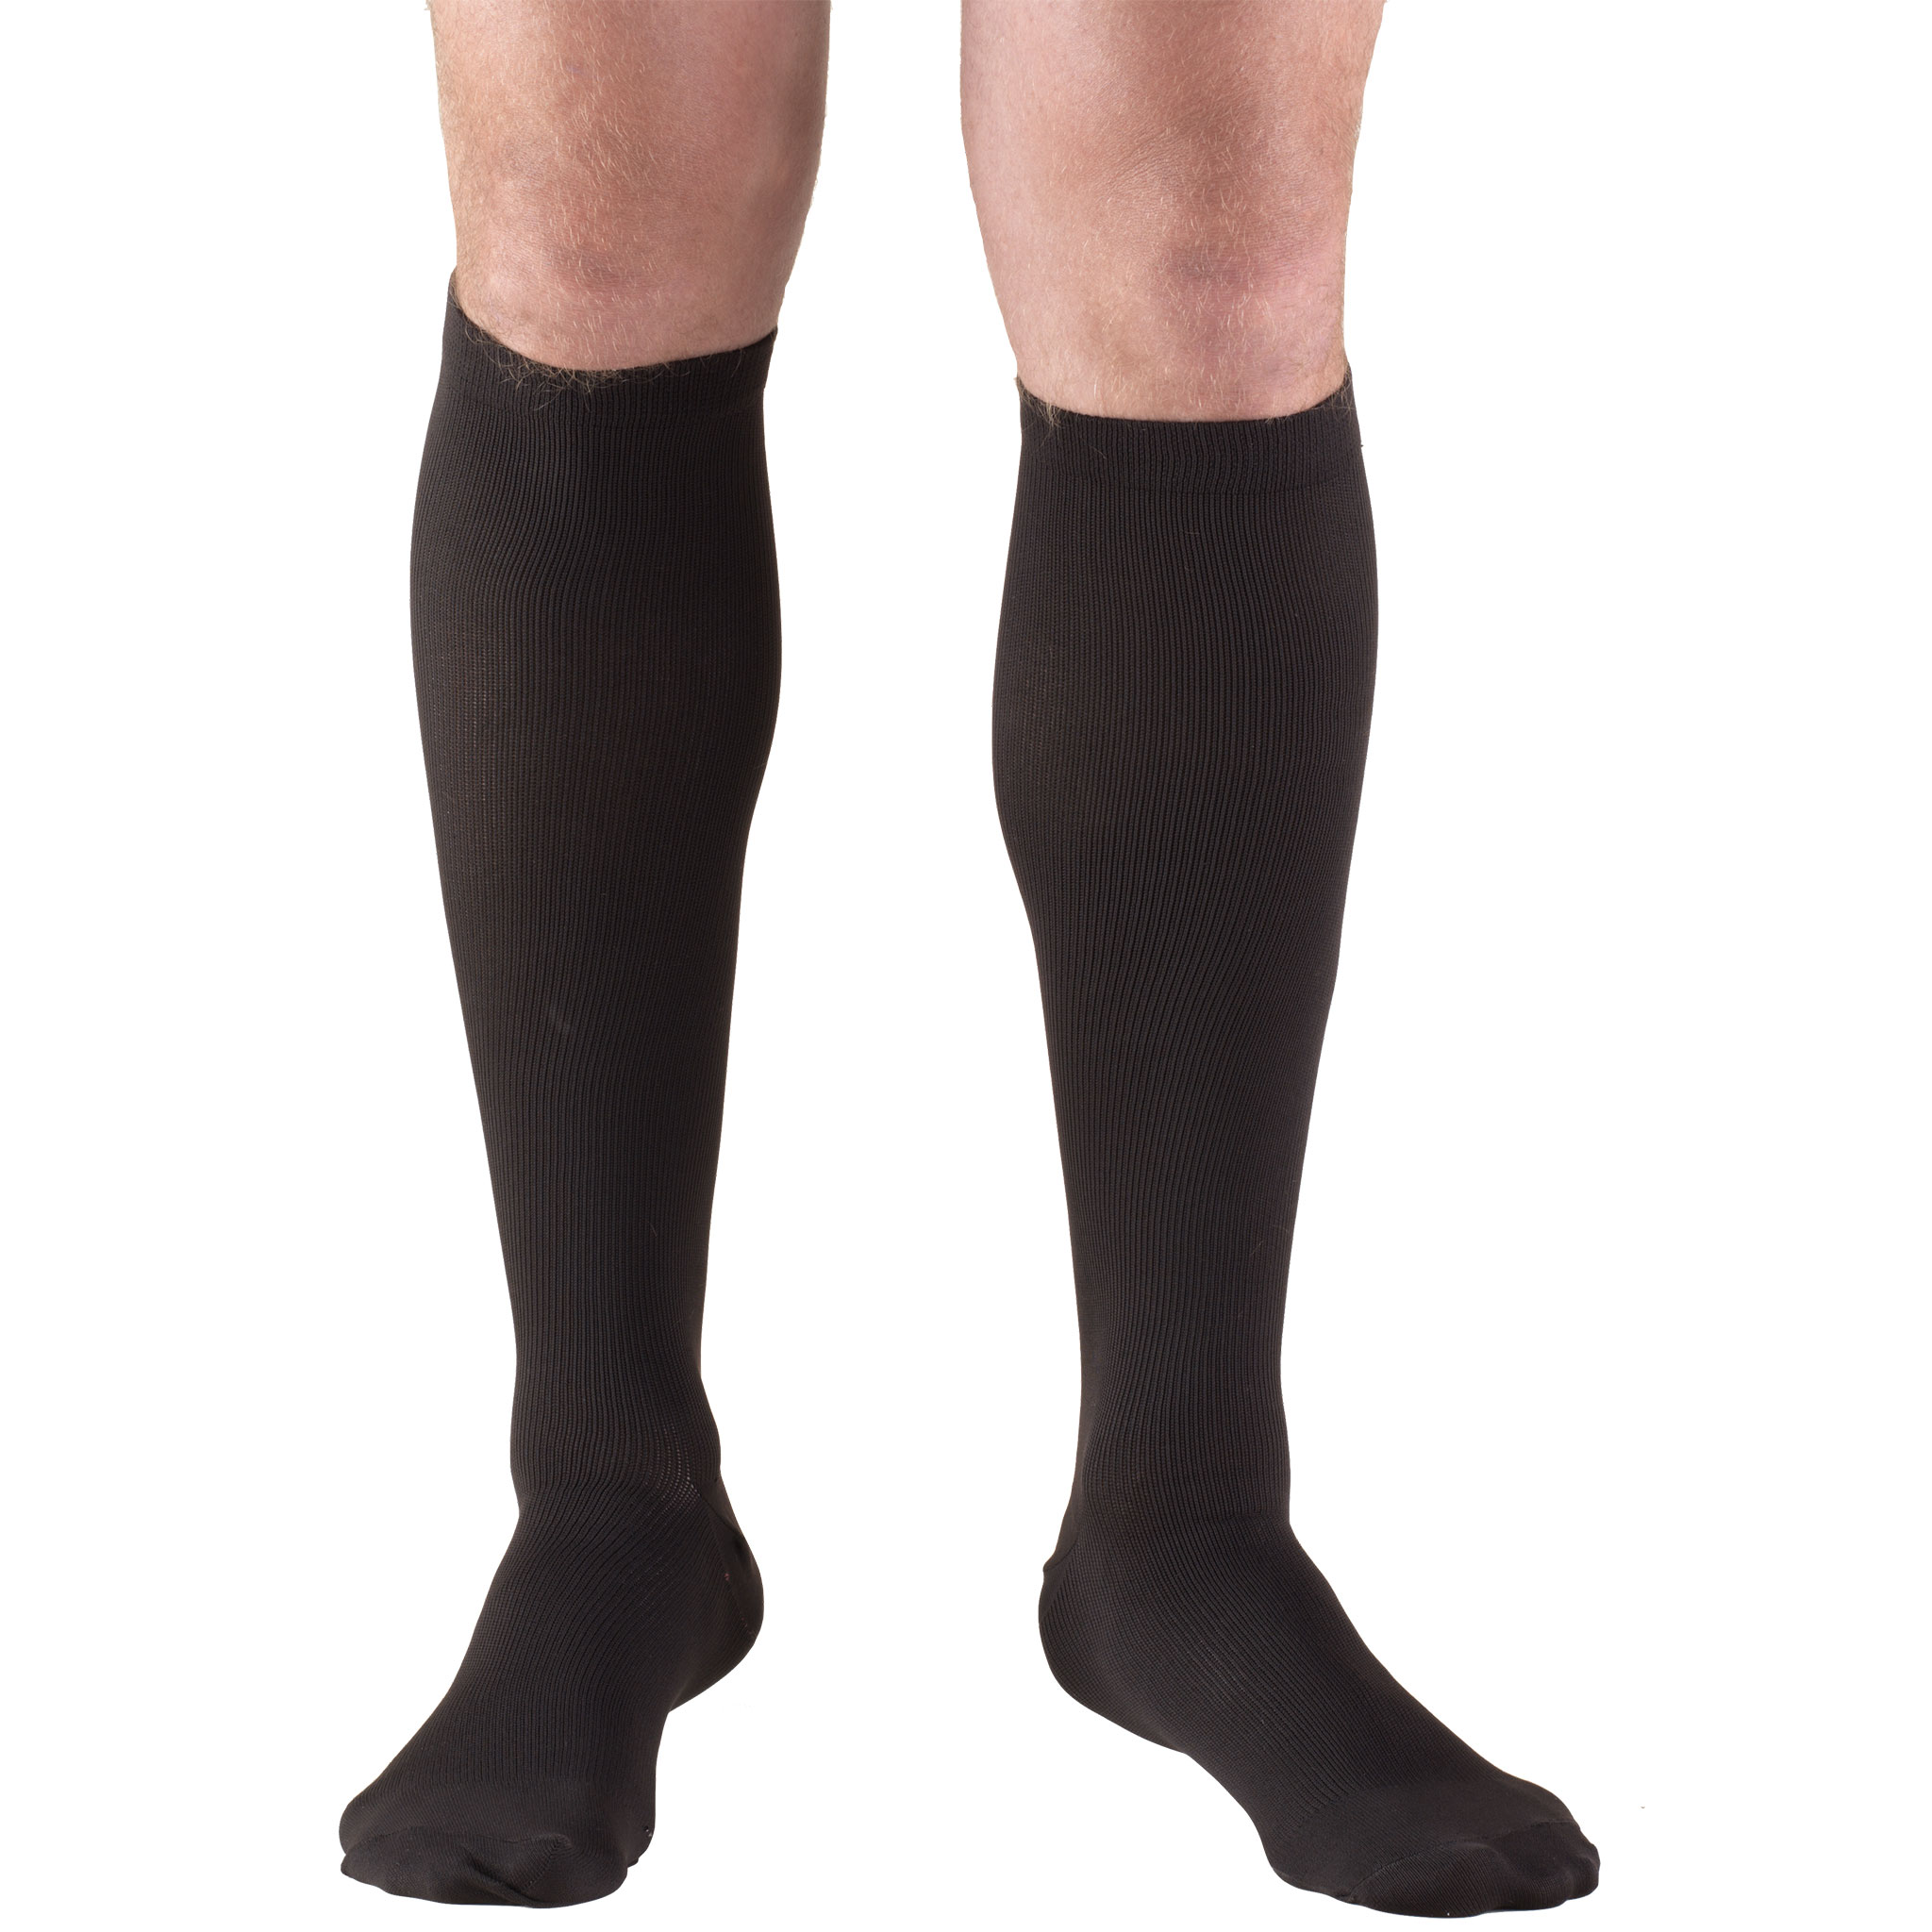 Truform Men's Socks, Knee High, Dress Style: 30-40 mmHg, Black, Small